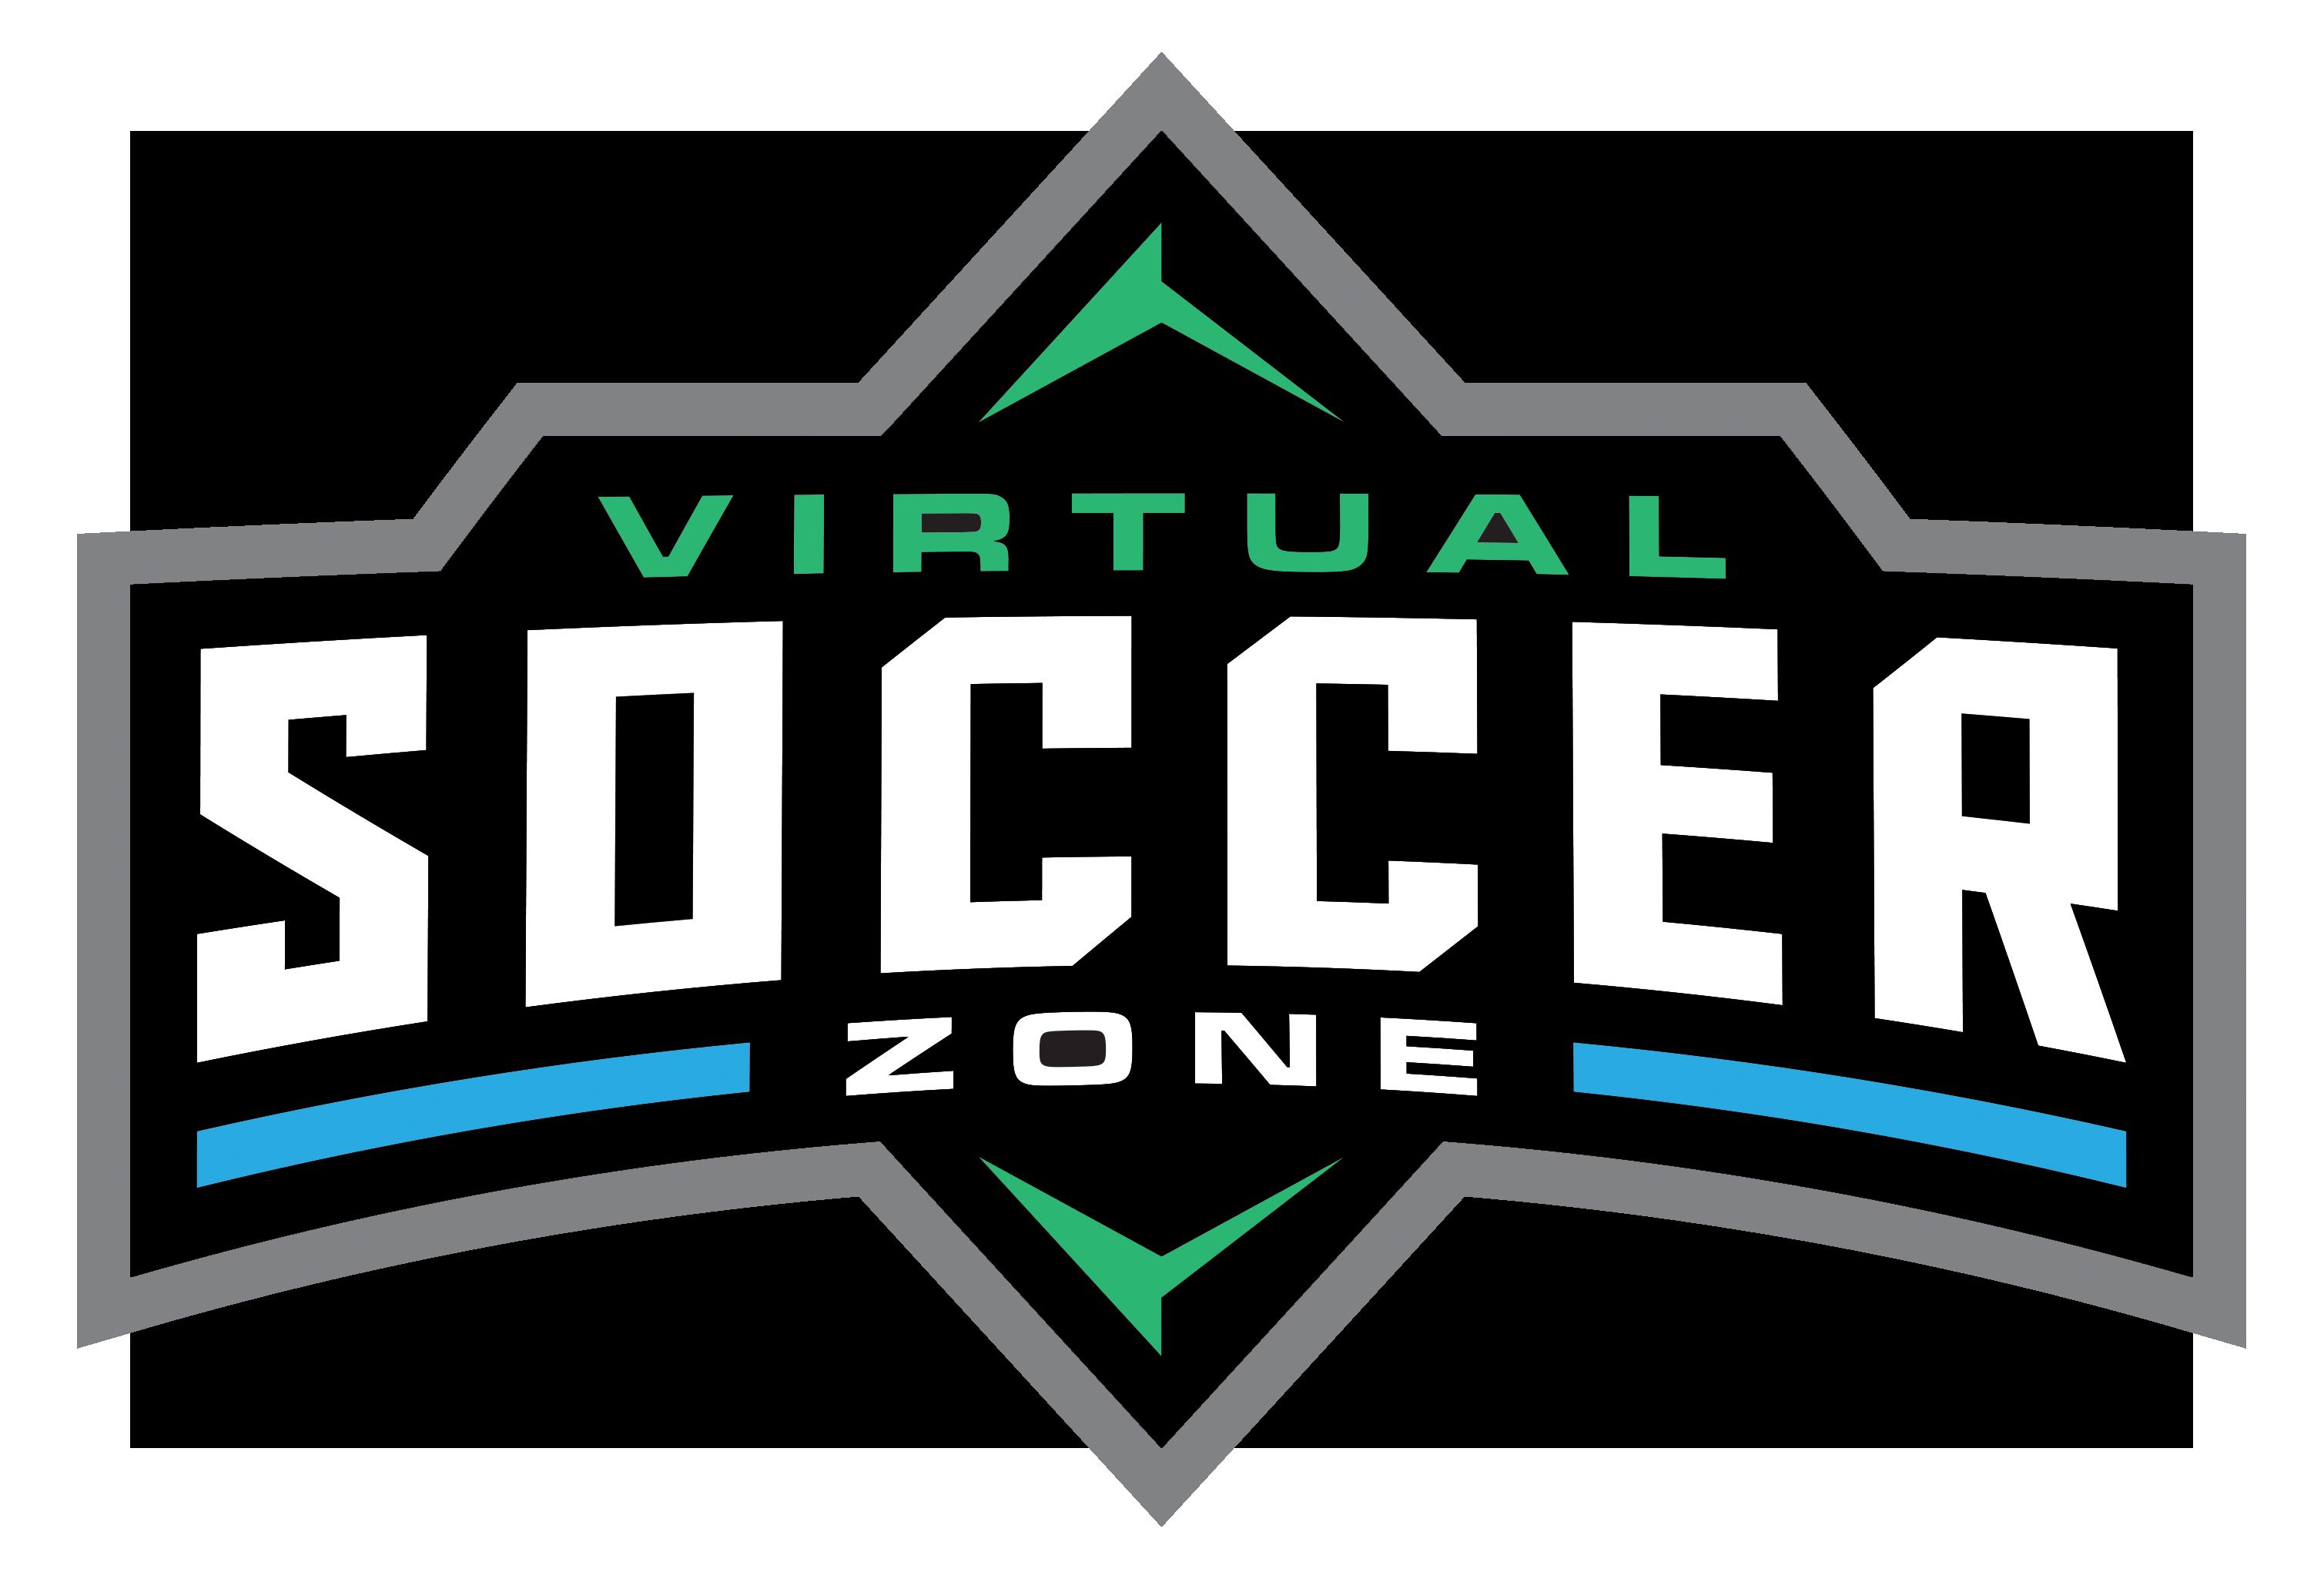 Risultati immagini per Virtual Soccer Zone